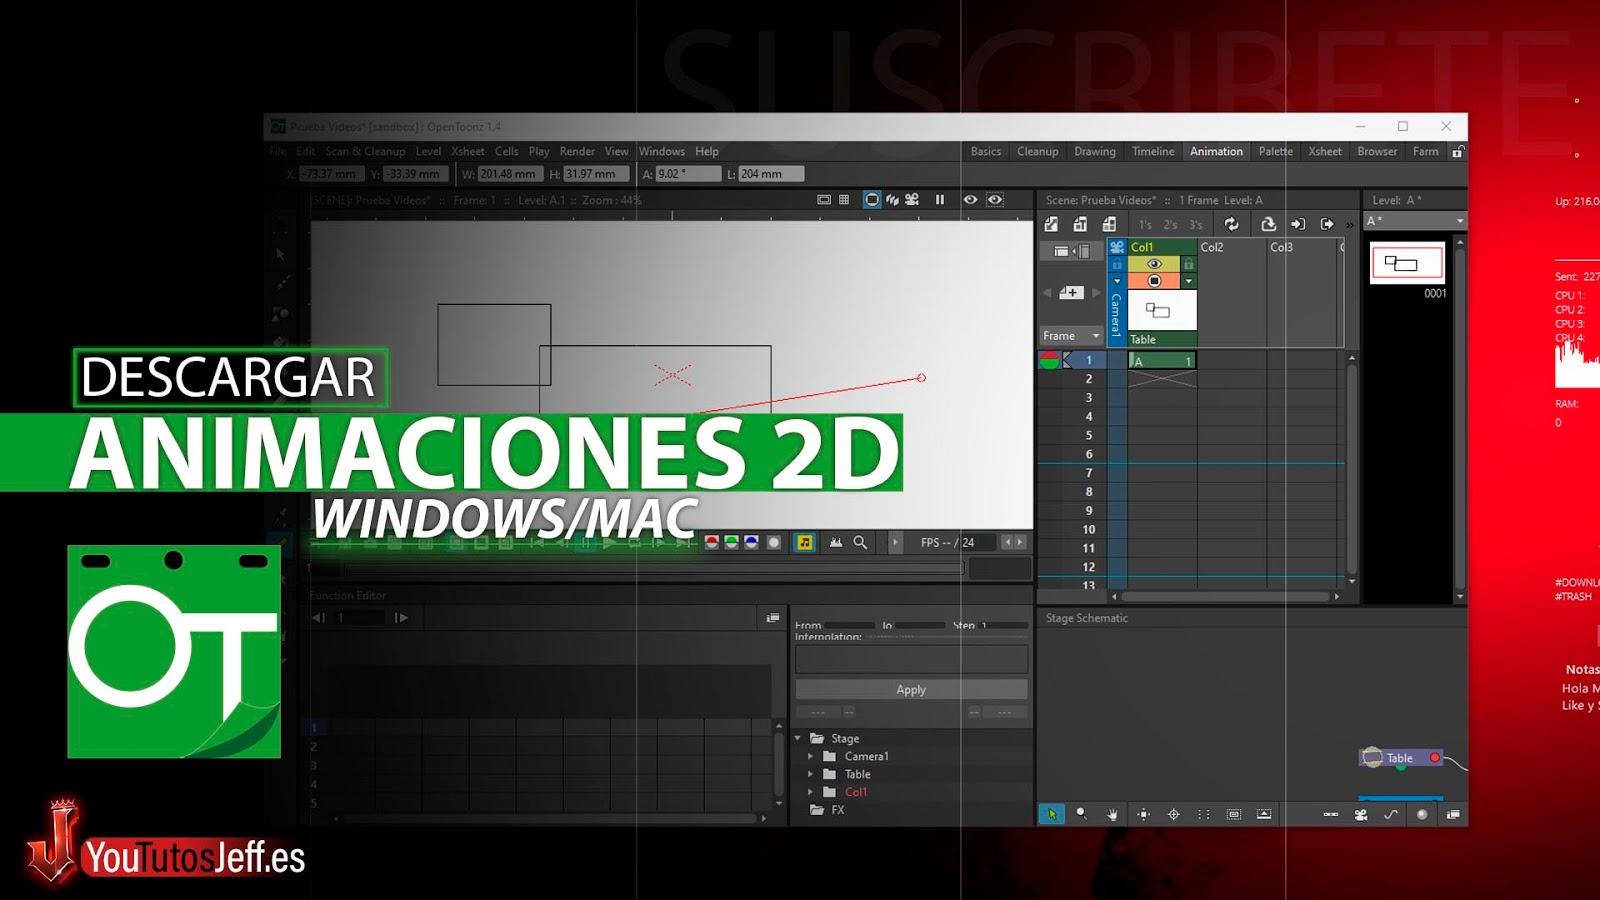 Productor de Animaciones 2D, Descargar OpenToonz Ultima Versión